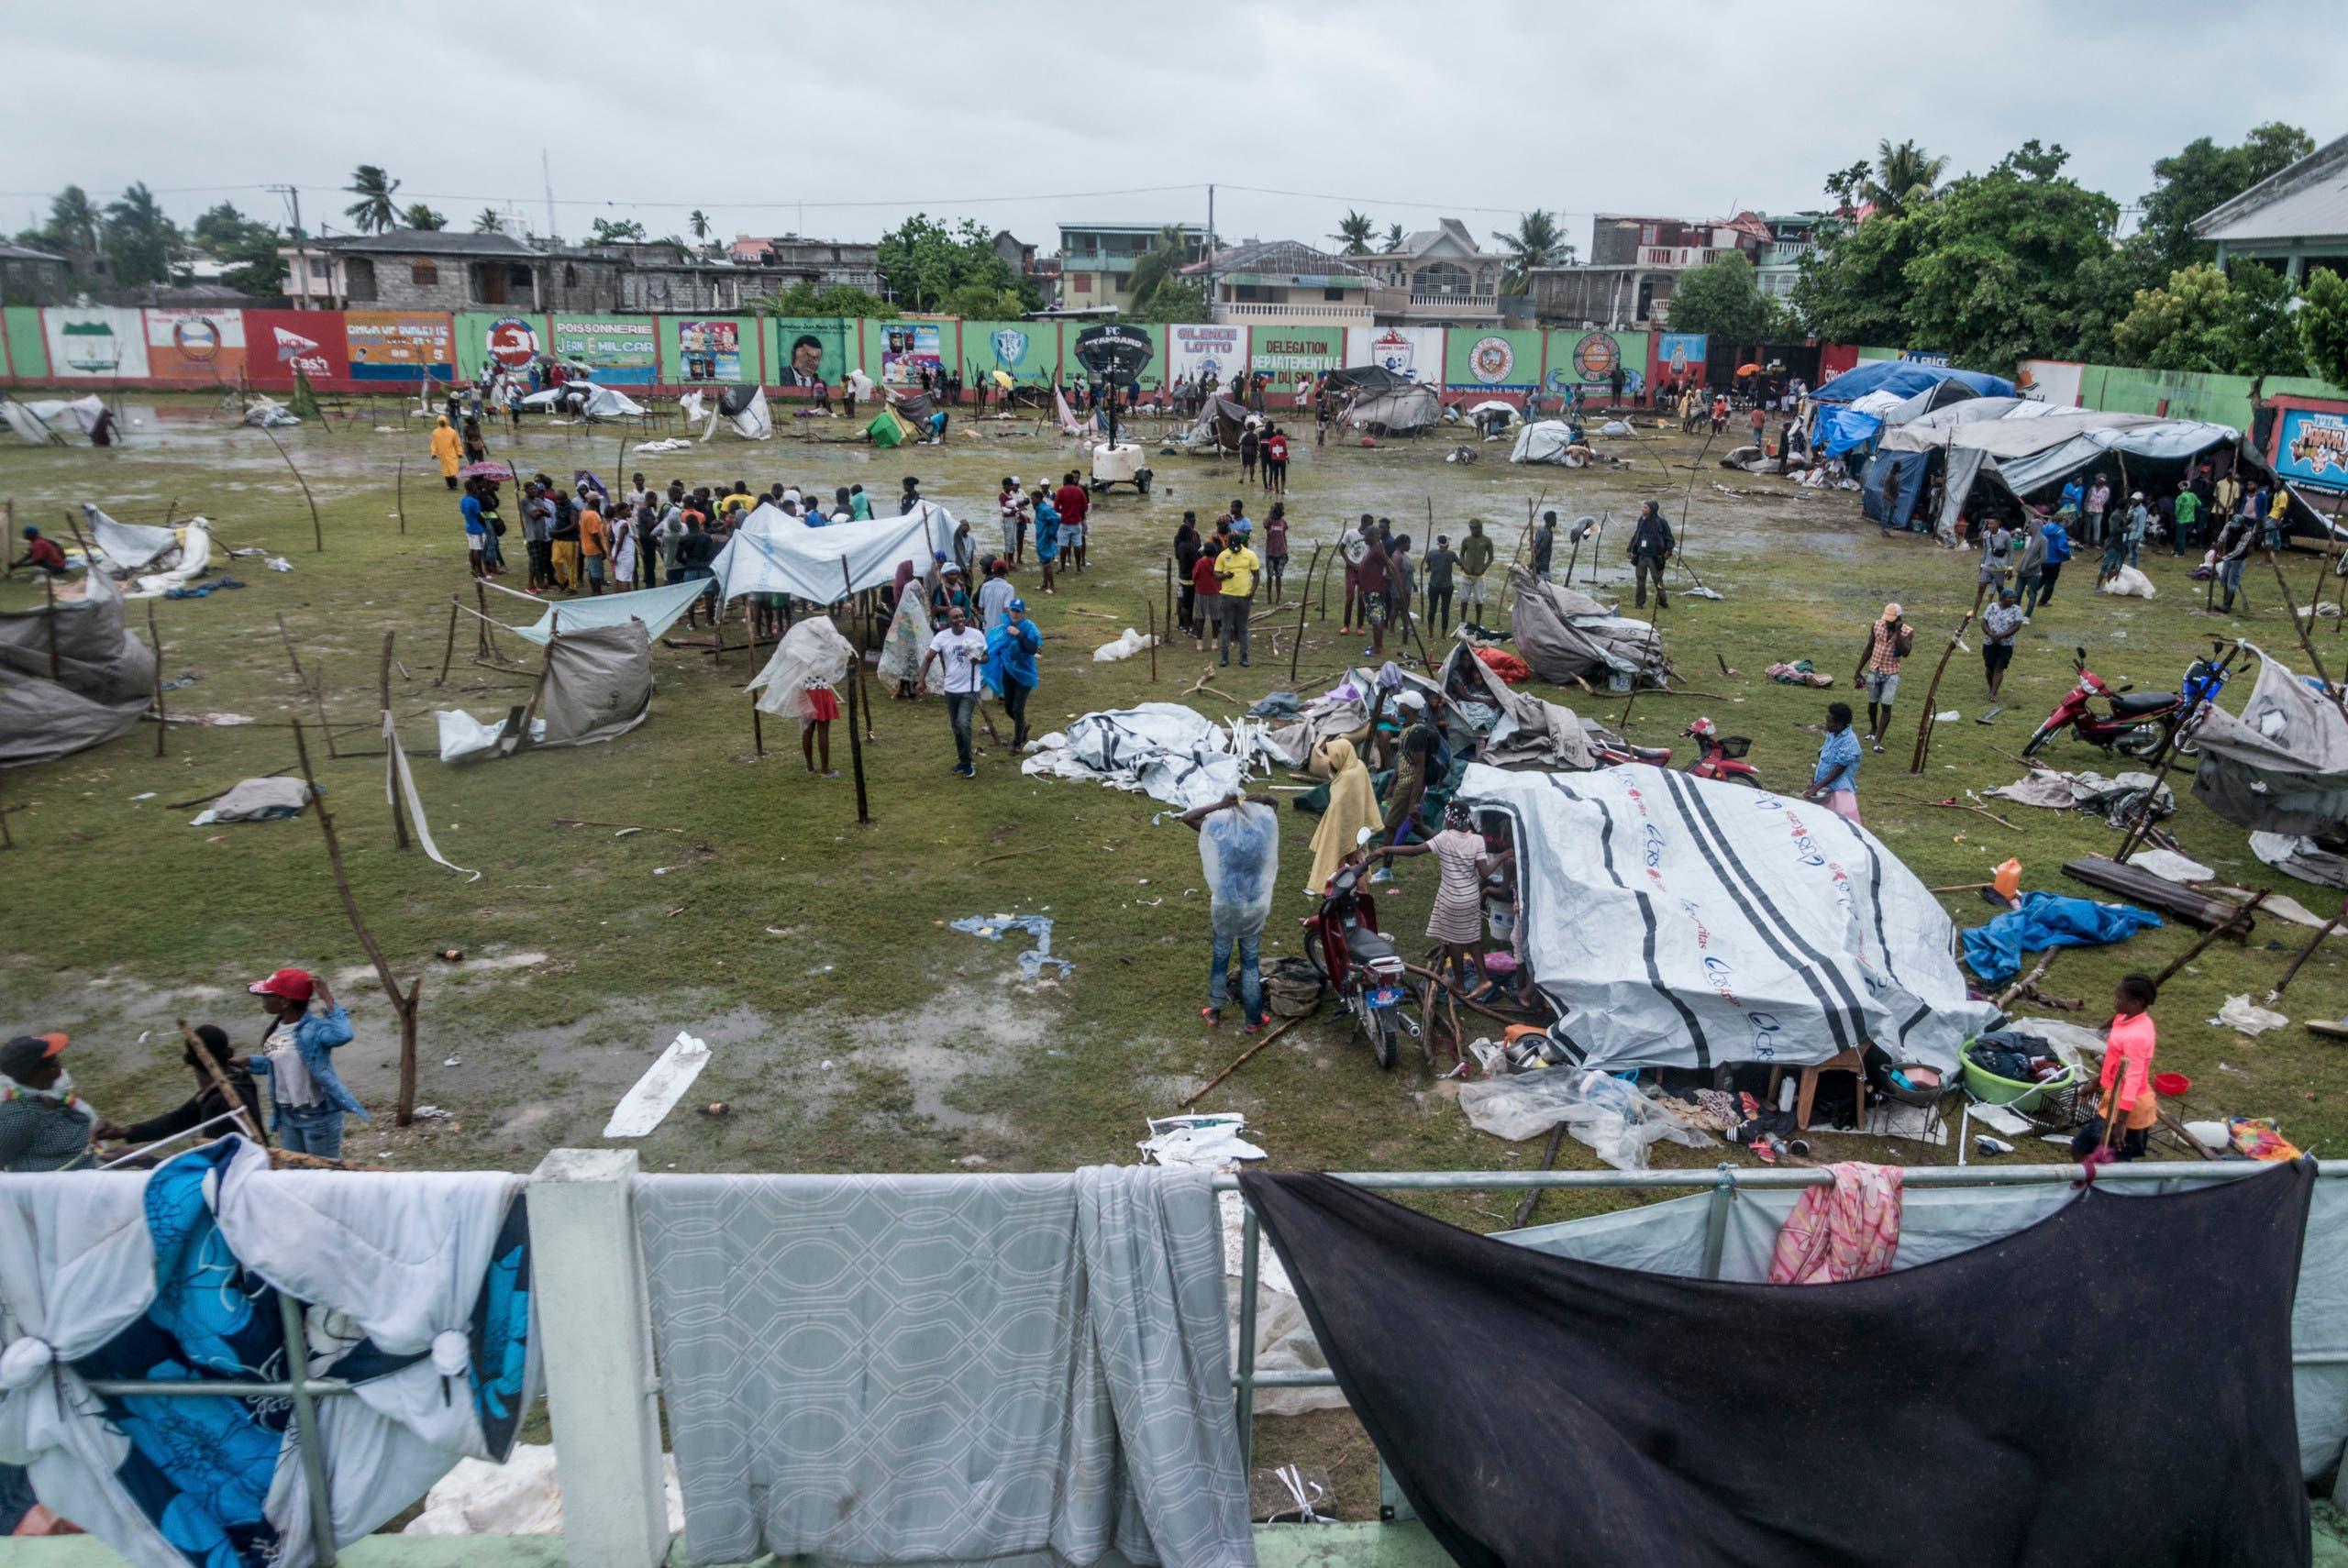 سكان يحتمون من الأمطار بخيم بلاستيكية